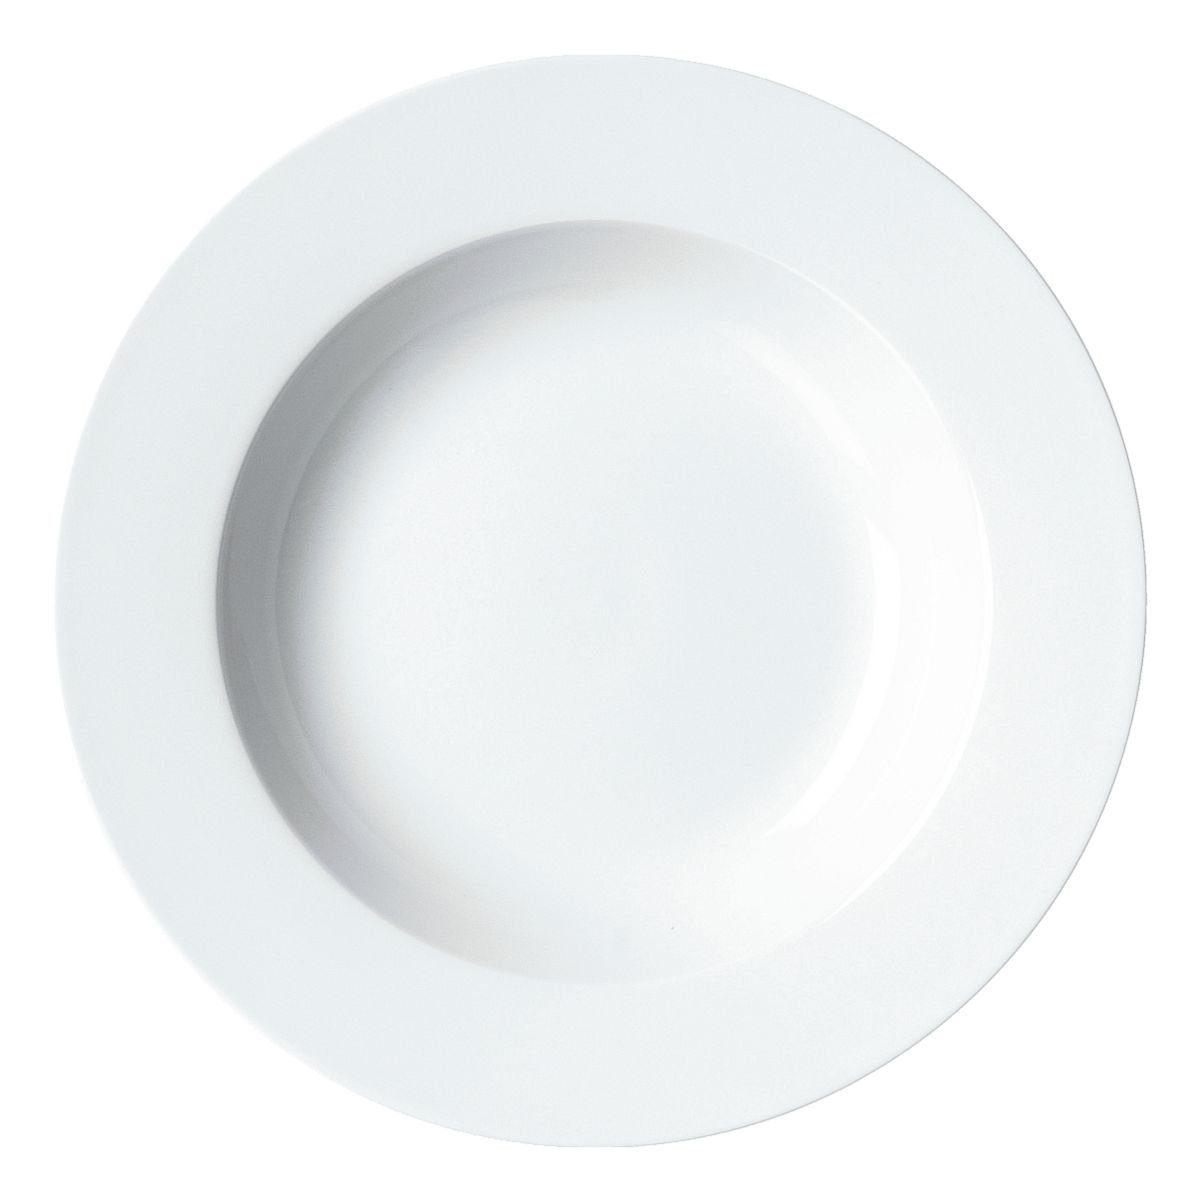 Ritzenhoff & Breker 4-teiliges Suppenteller-Set »Bianco«